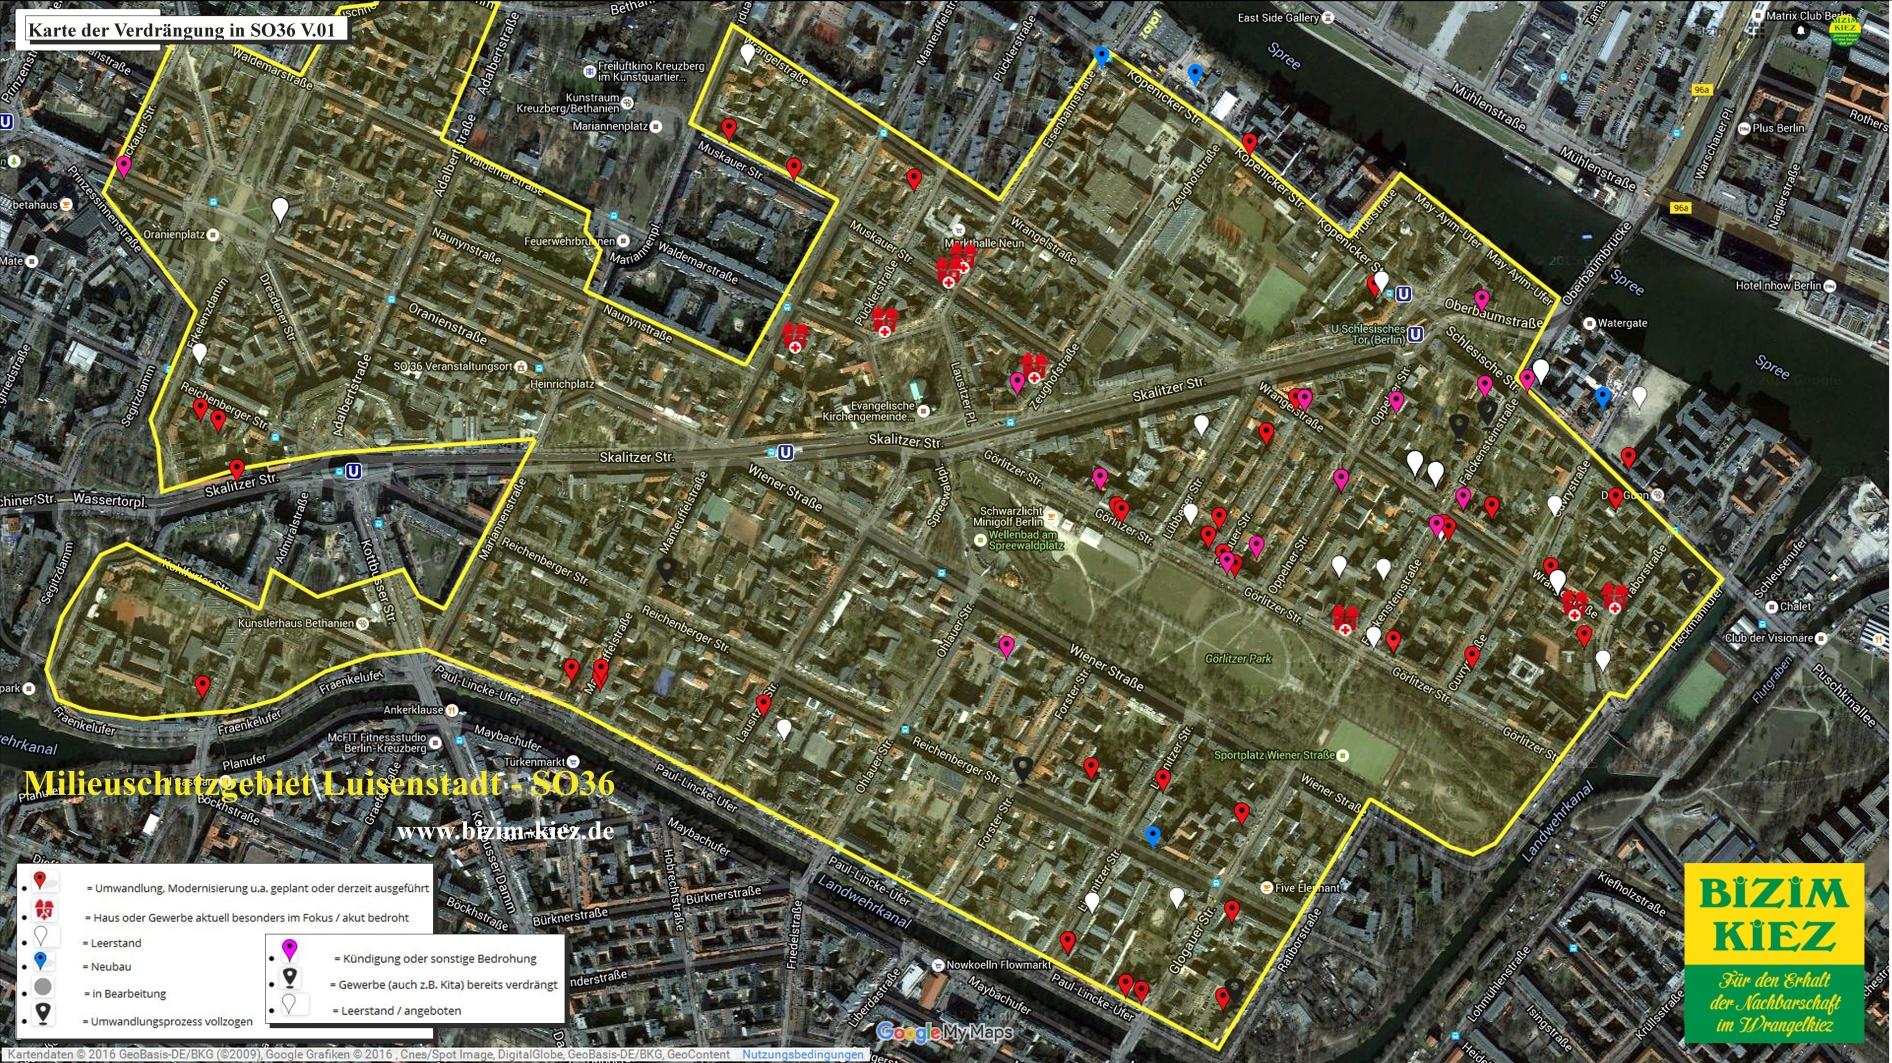 karte-der-Verdrängung-V01-satellite-01-fullsize@@@